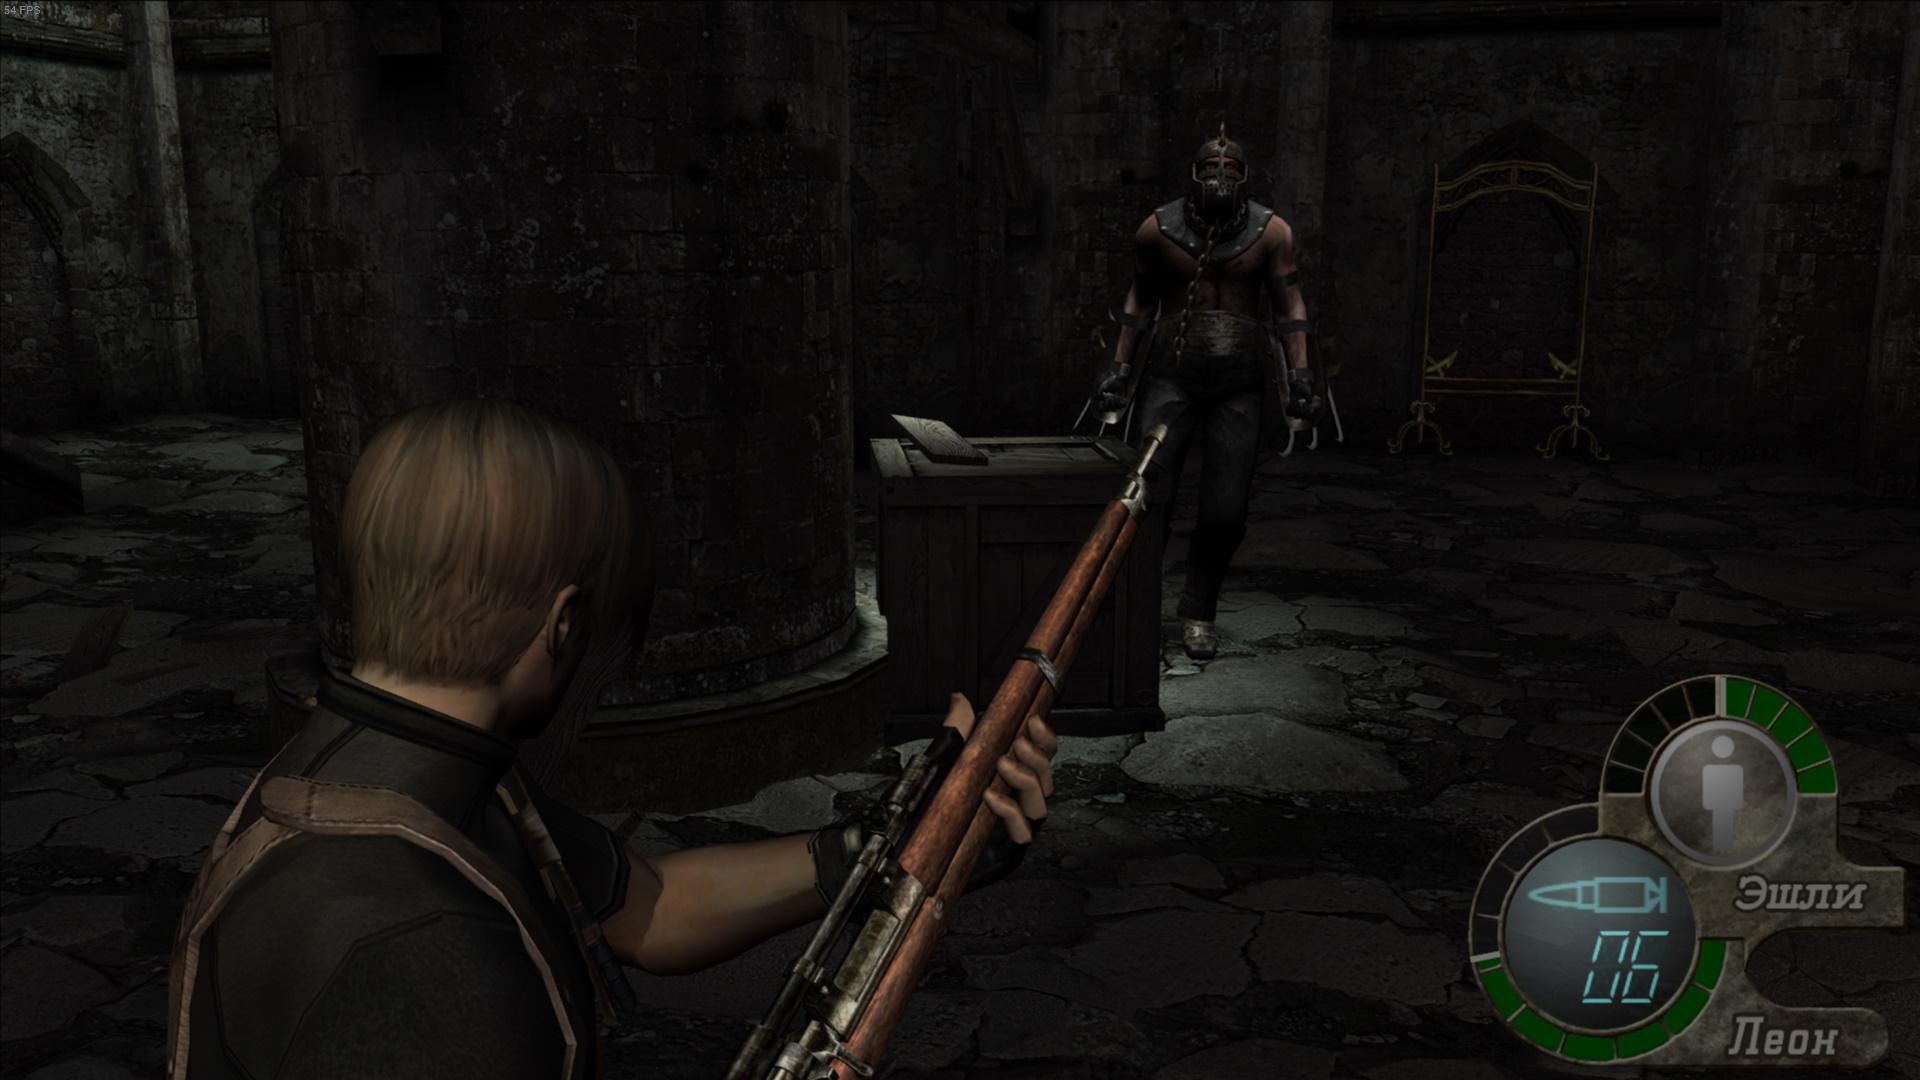 bio4 2018-11-12 23-09-55-323.jpg - Resident Evil 4